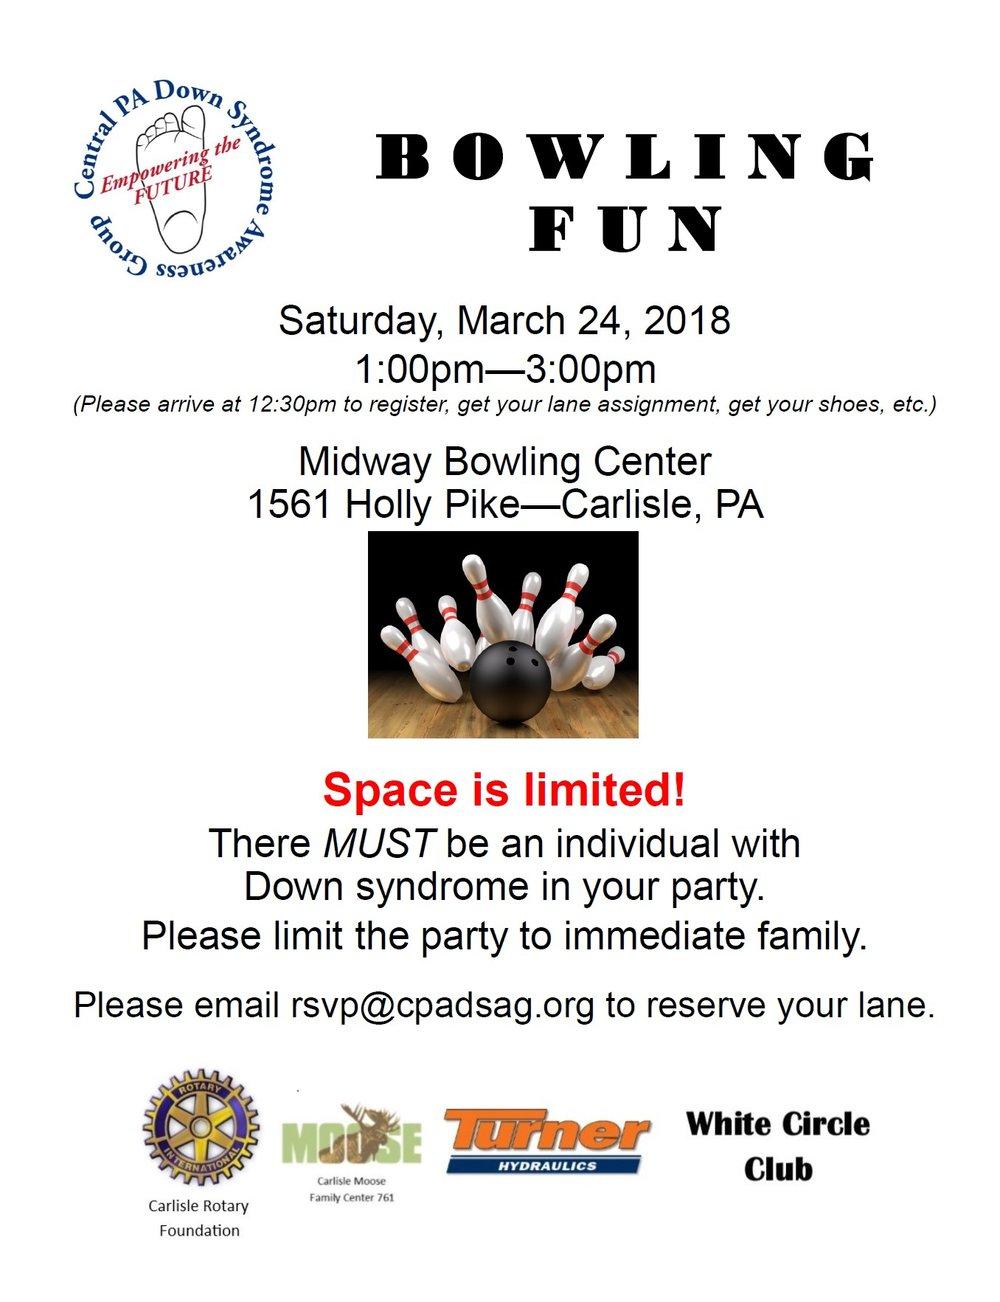 CPADSAG Bowling 2018.jpg